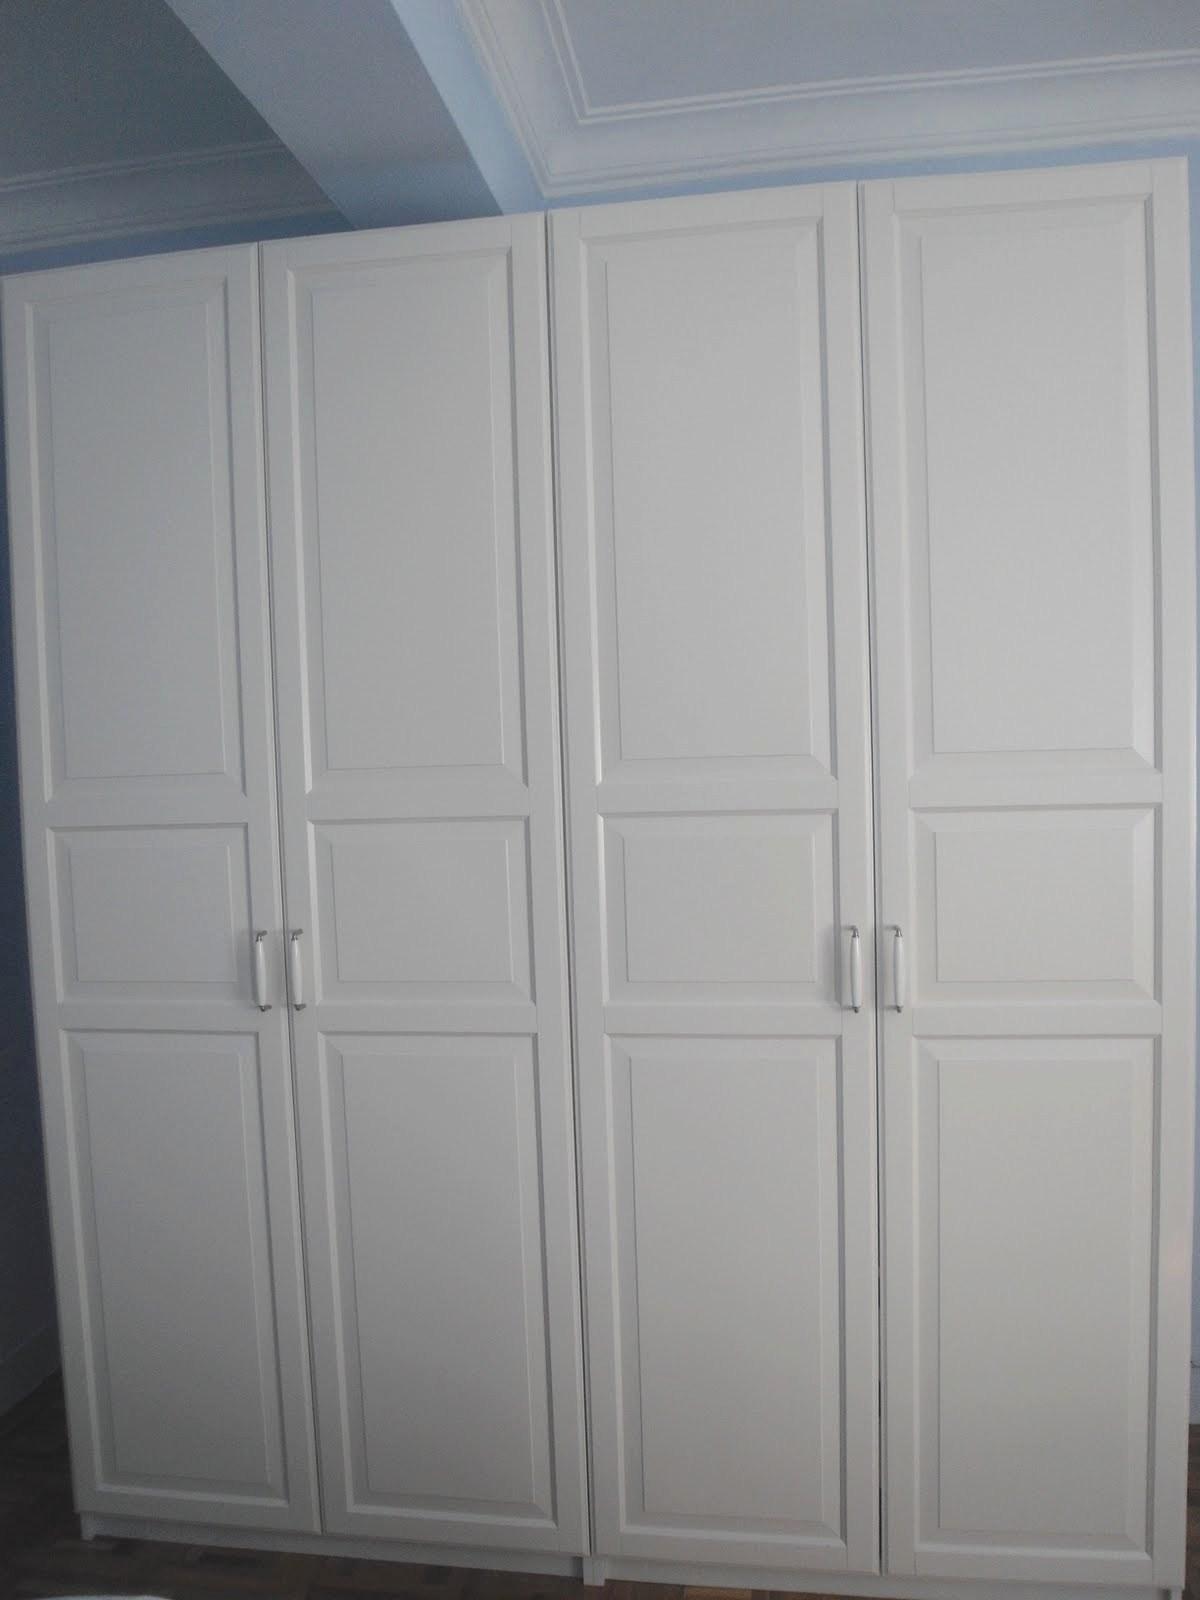 Armarios Para Garaje Ikea 3ldq Armarios Para Garaje Lujo Armarios Metalicos Para Garajes